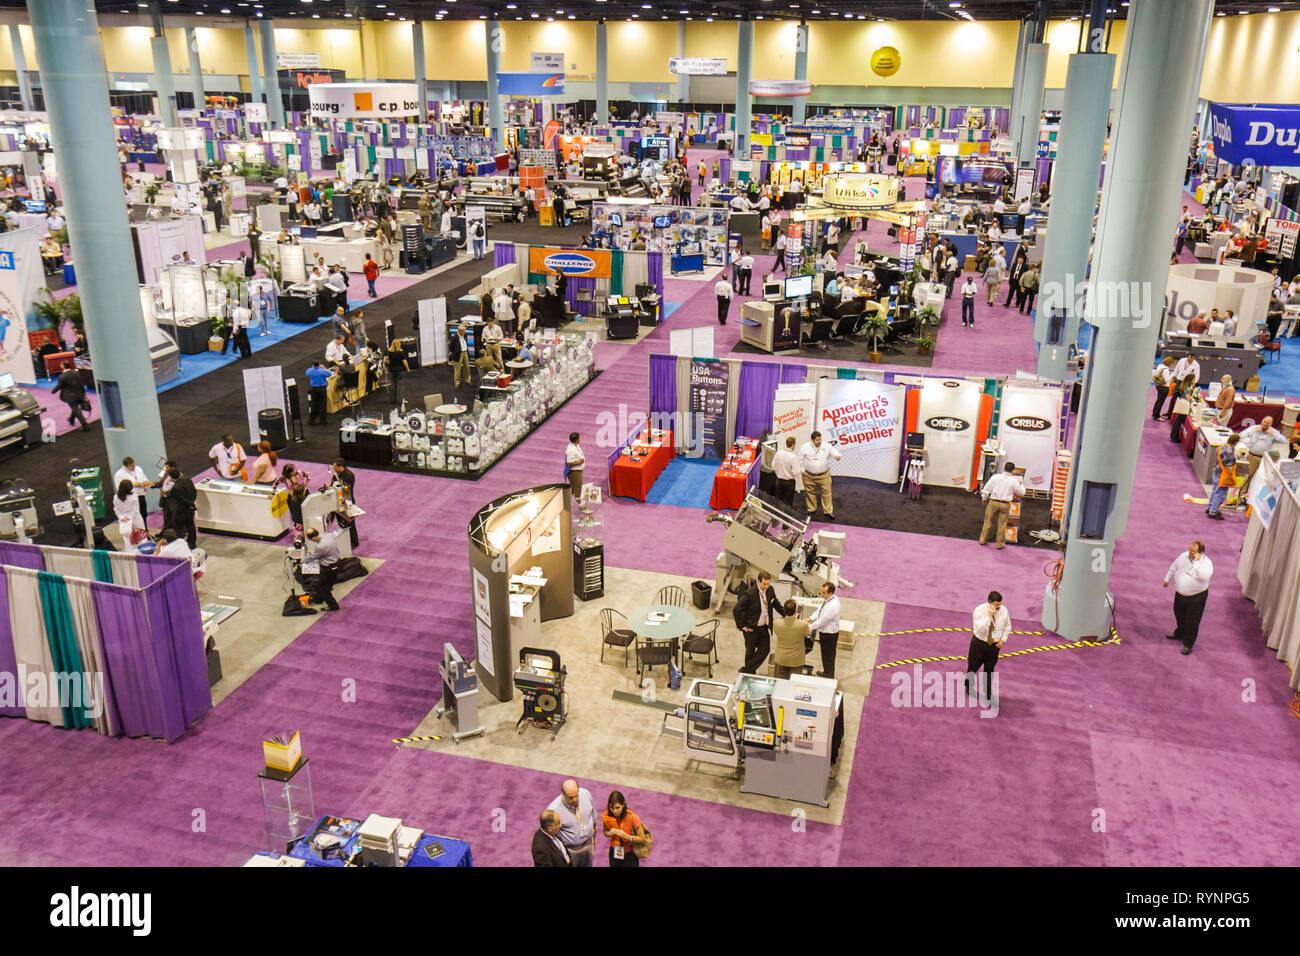 Miami Beach Florida Miami Beach Convention Centre Centre grafica delle Americhe Expo Conferenza e fiera espositori oltre Immagini Stock